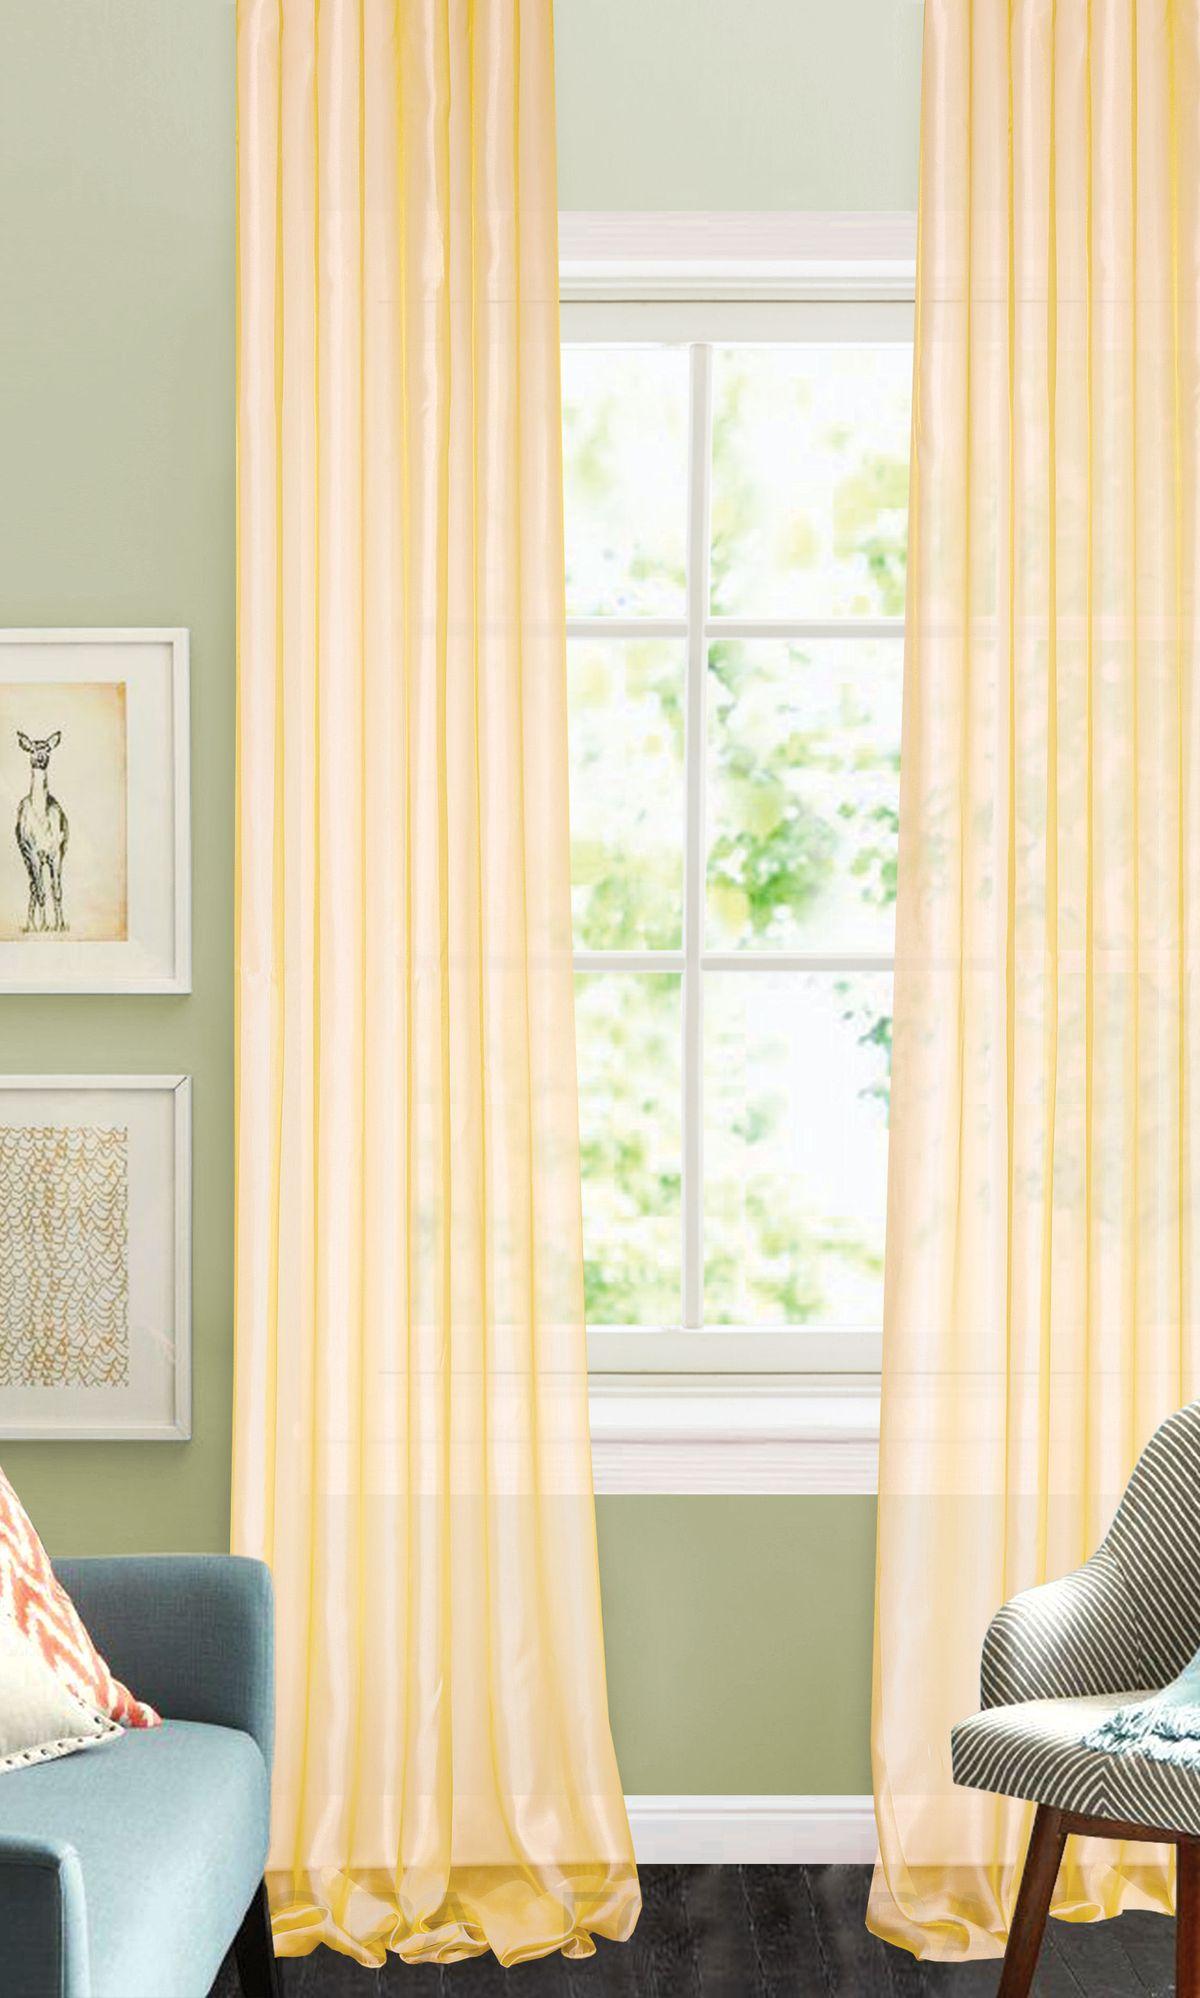 Штора готовая Garden, на ленте, цвет: желтый, 450х270 см. С W875 450х270 V8С W875 450х270 V8Изящная штора для гостиной Garden выполнена из легкой ткани с оригинальной структурой. Приятная текстура и цвет штор привлекут к себе внимание и органично впишутся в интерьер помещения. Штора крепится на карниз при помощи ленты, которая поможет красиво и равномерно задрапировать верх.